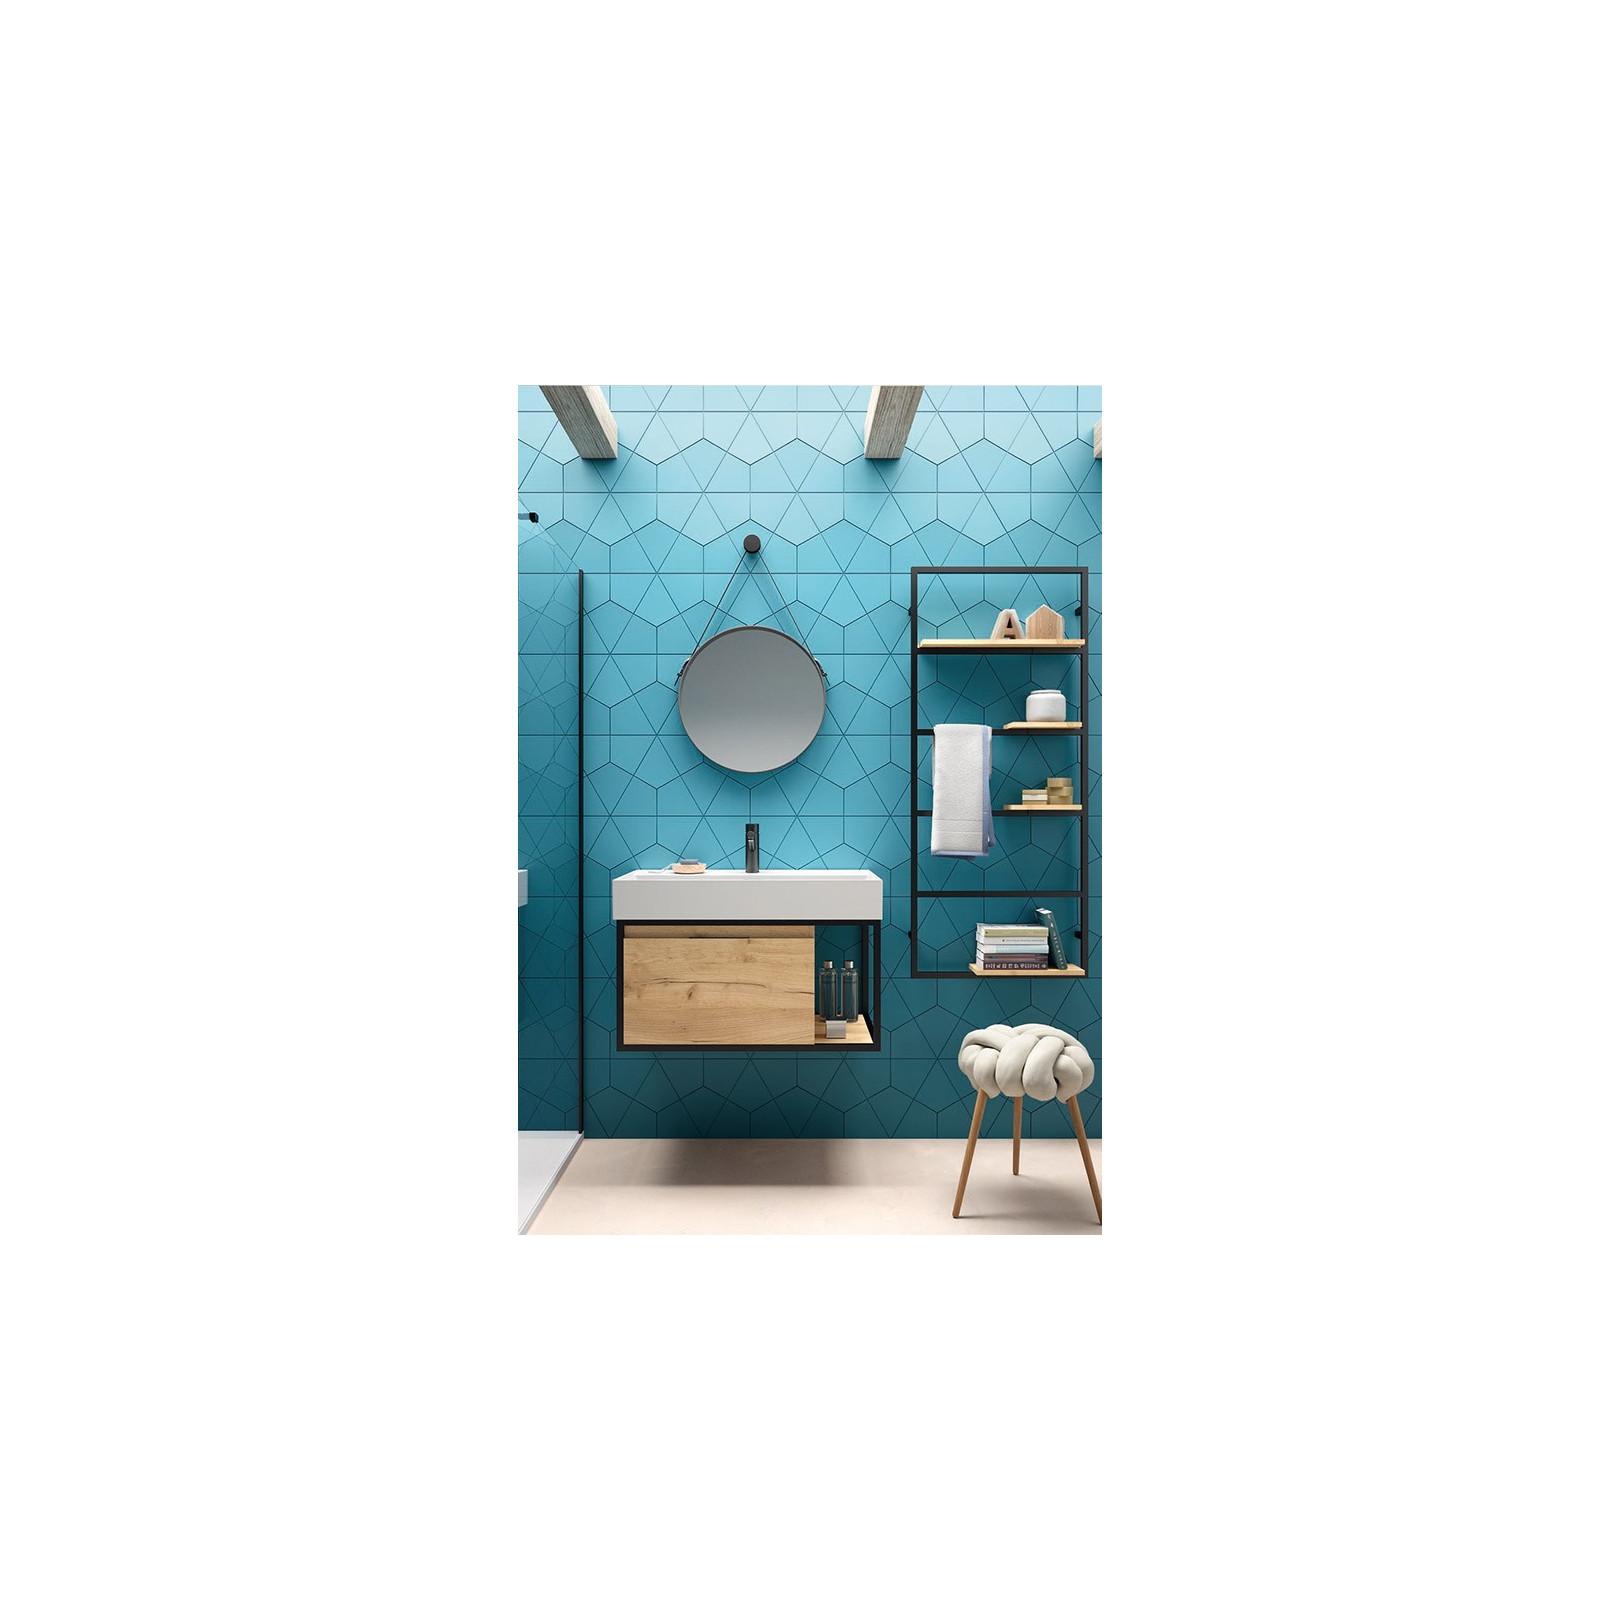 Meuble bain suspendu Vinci largeur 81cm structure alu laqué noir et chêne  africain avec vasque Veneto céramique 81cm